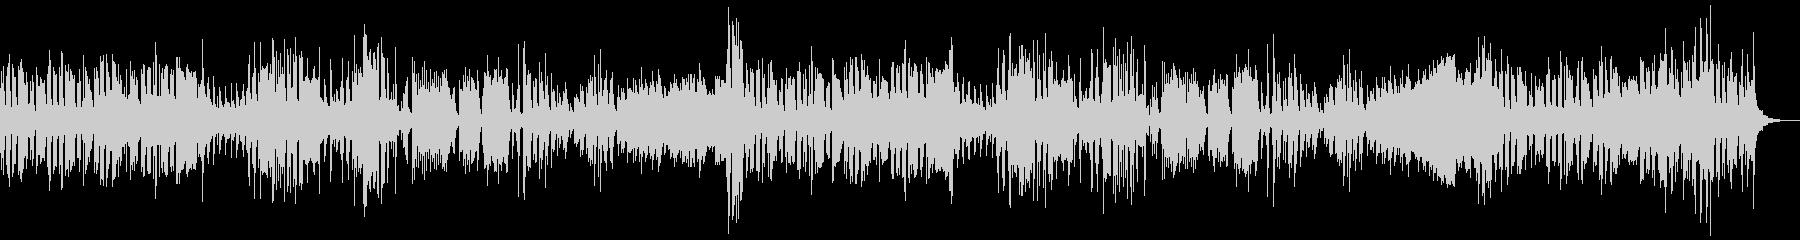 かわいい映像・リコーダー(フル)の未再生の波形